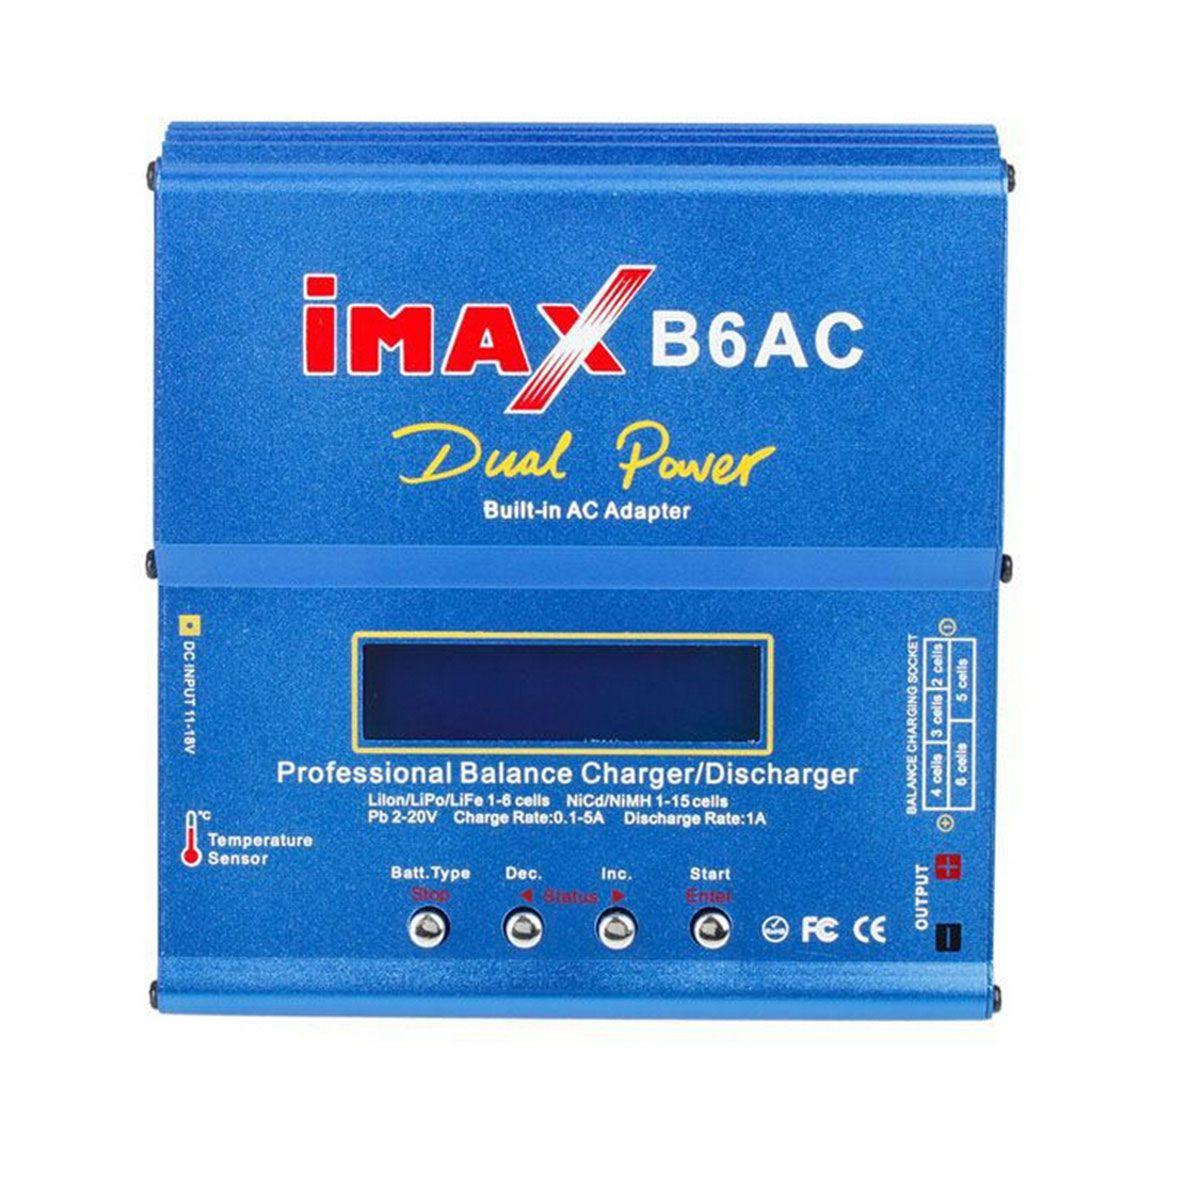 Carregador Balanceador para Baterias Imax B6AC 80w 12V